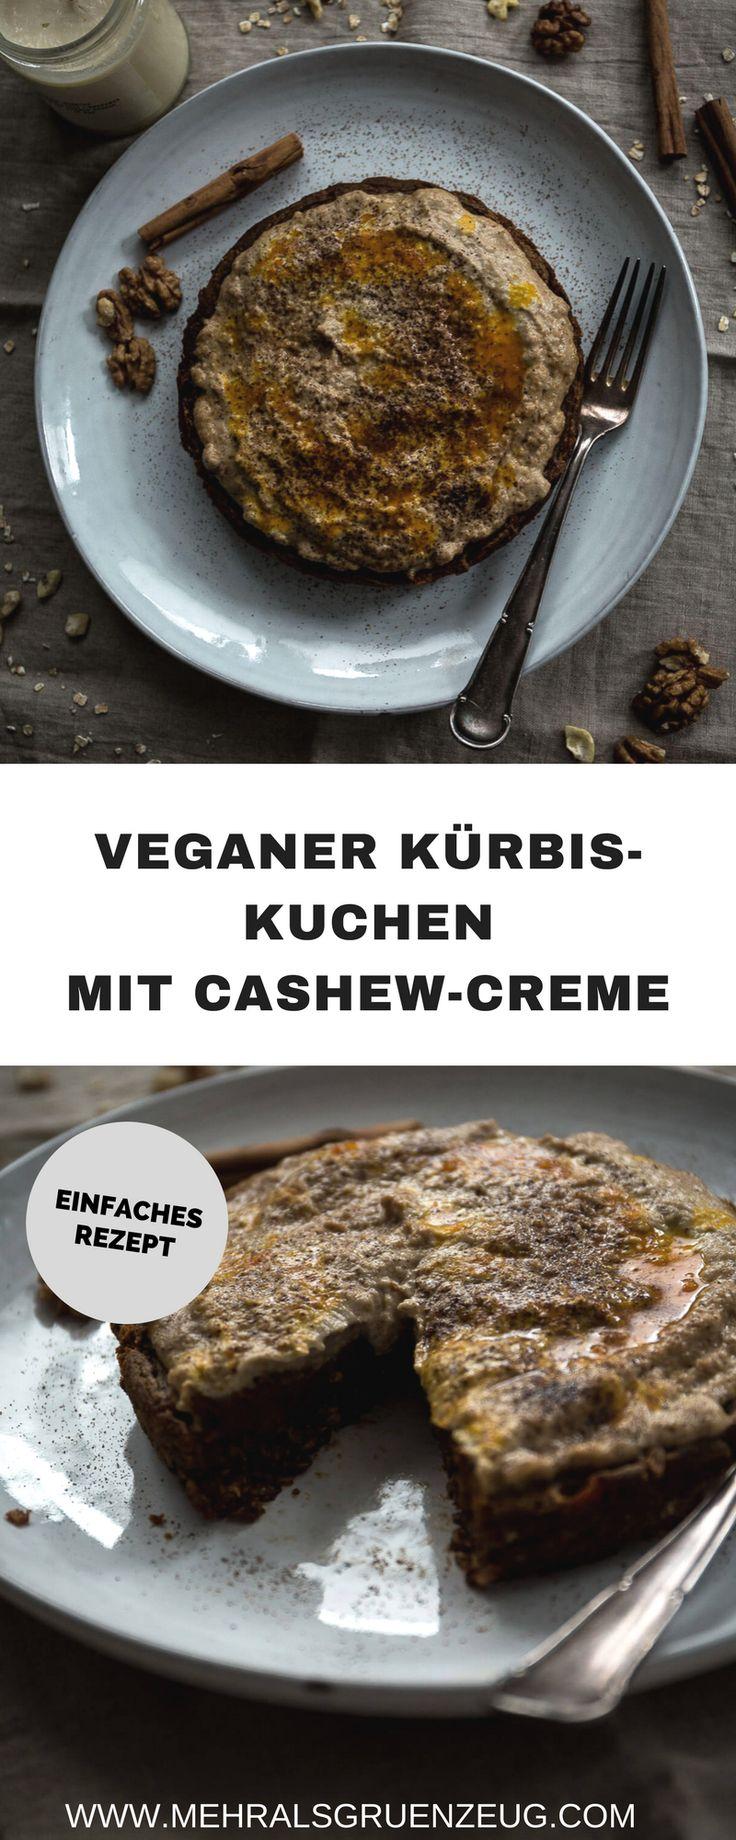 Ein einfacher Kürbiskuchen mit Cashew-Creme - vegan, gesund und absolut lecker! Mit vielen Gewürzen (Zimt, Vanille) und ohne Industriezucker. So schaut ein hyggeliger Herbst aus!